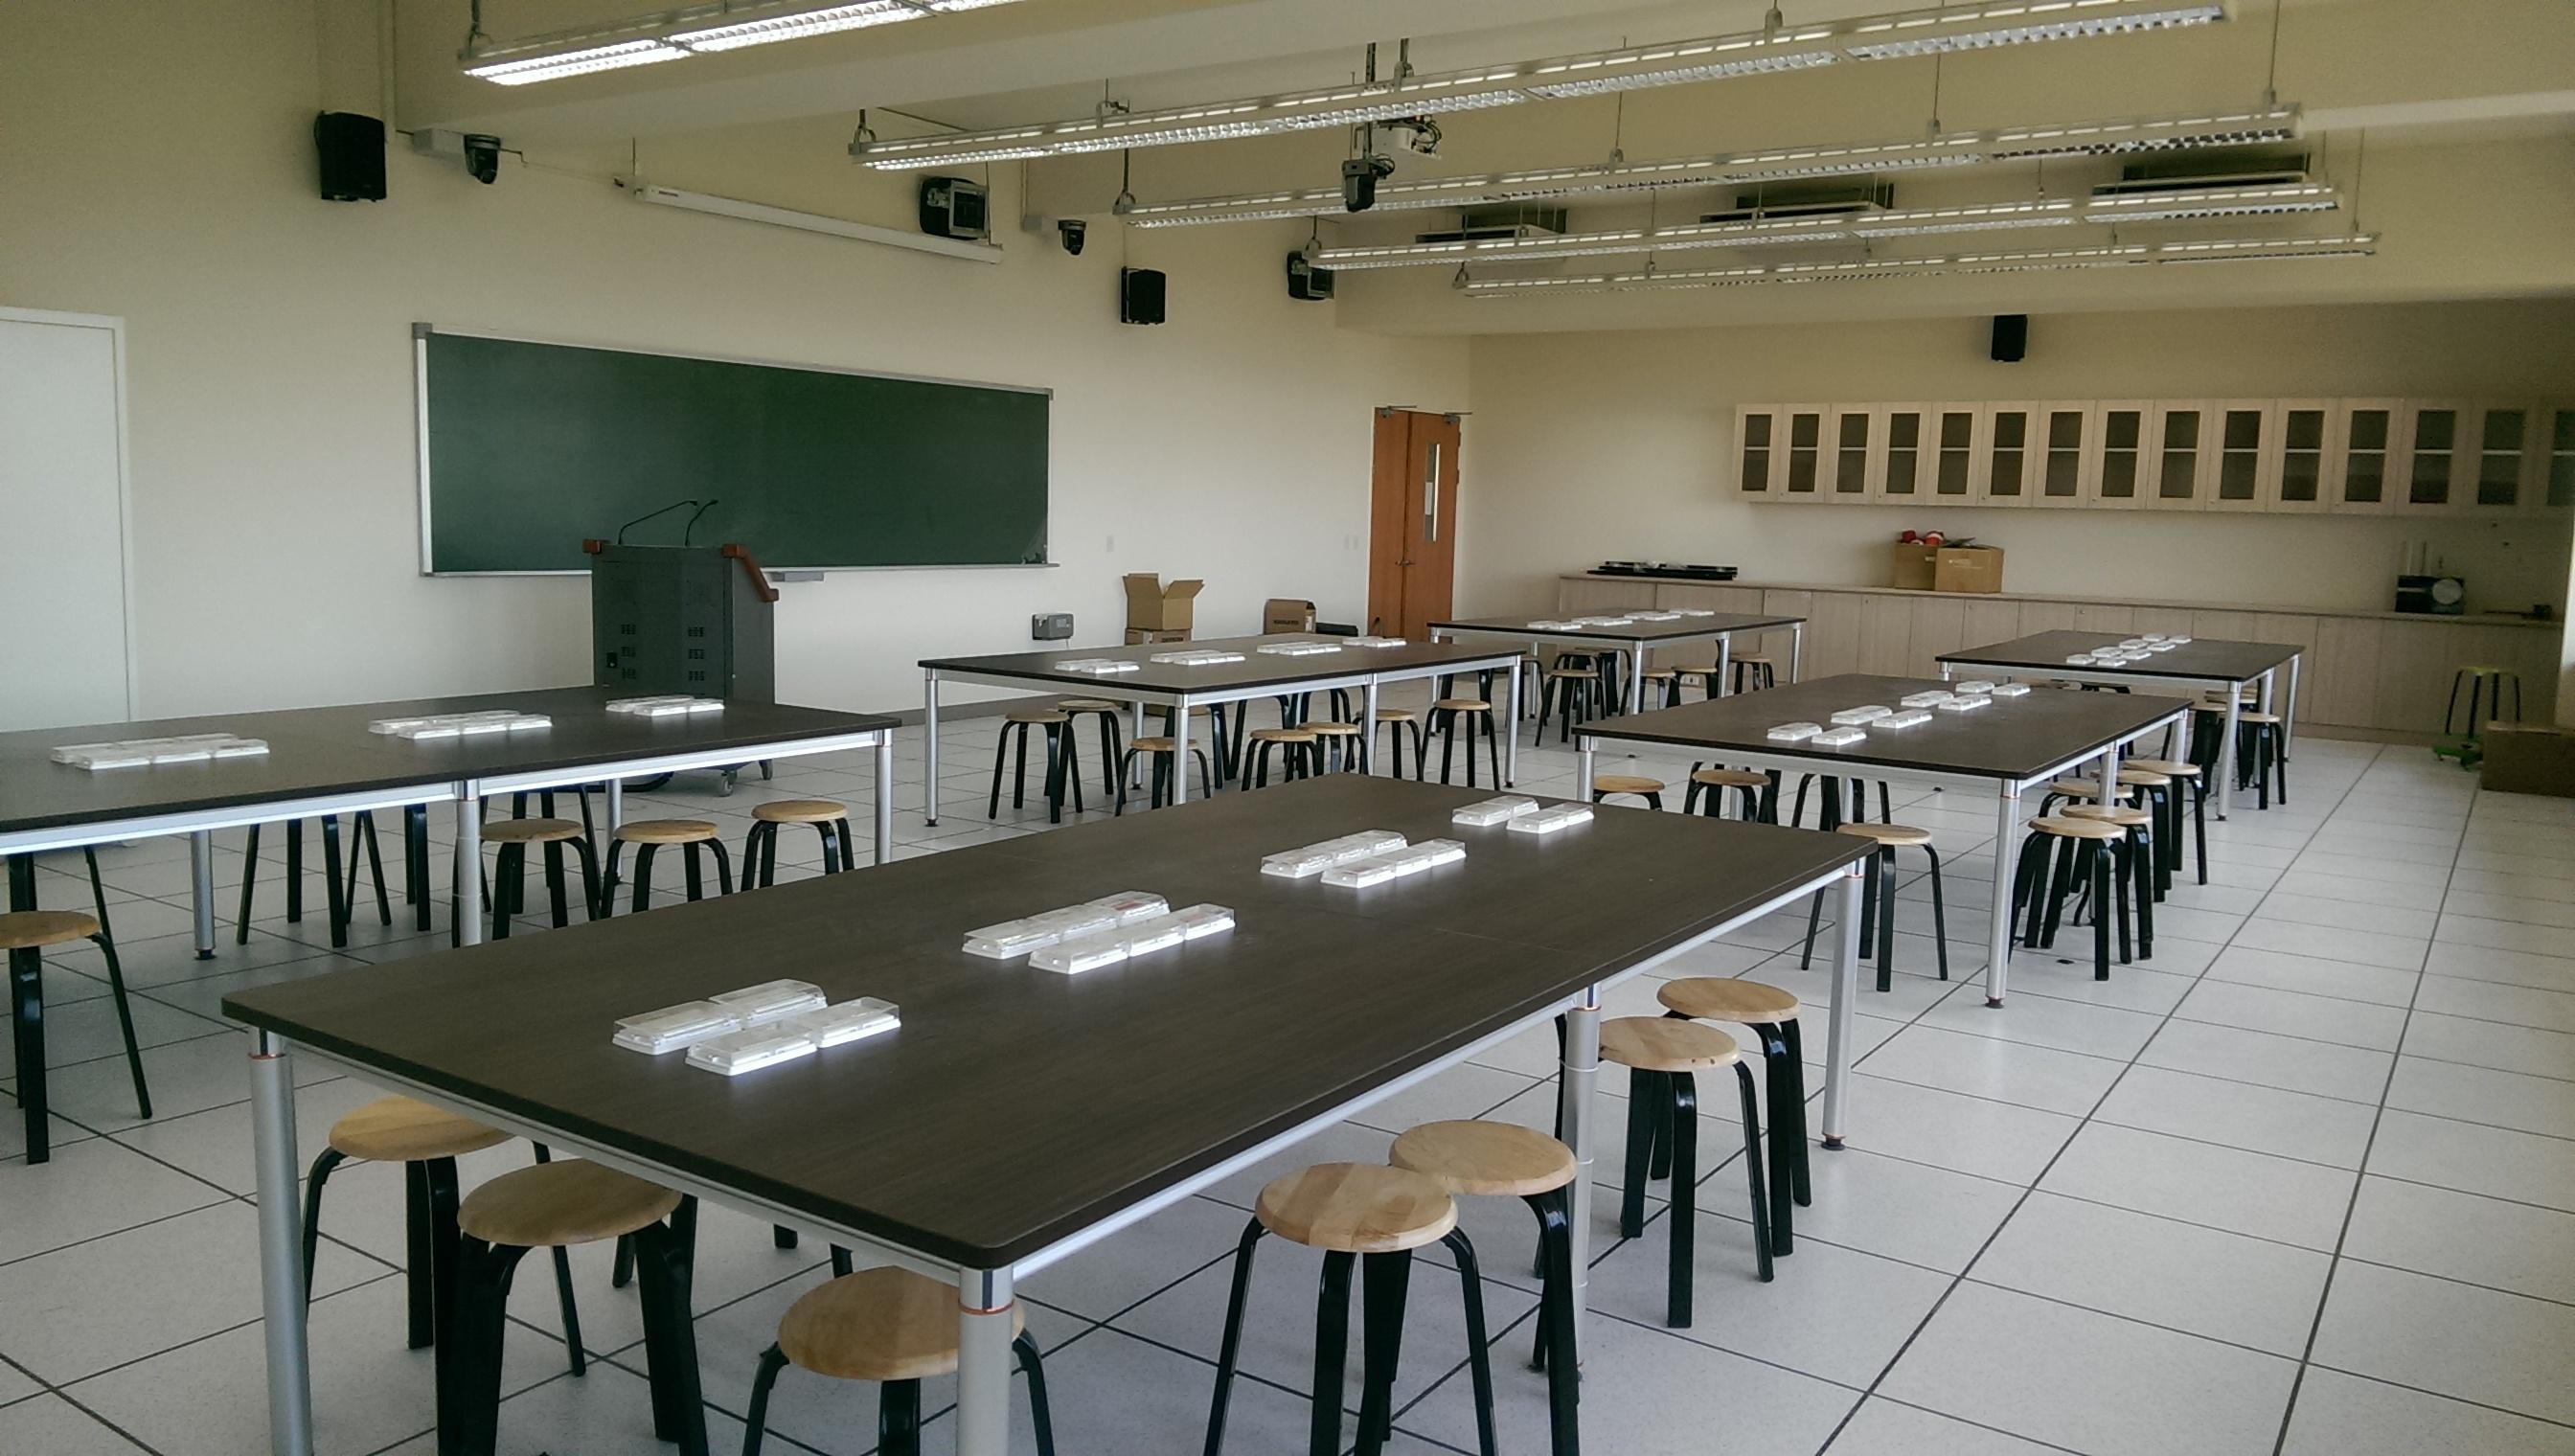 教室类别   物理教学实验室 .桌椅数  120 .管理员     无 .